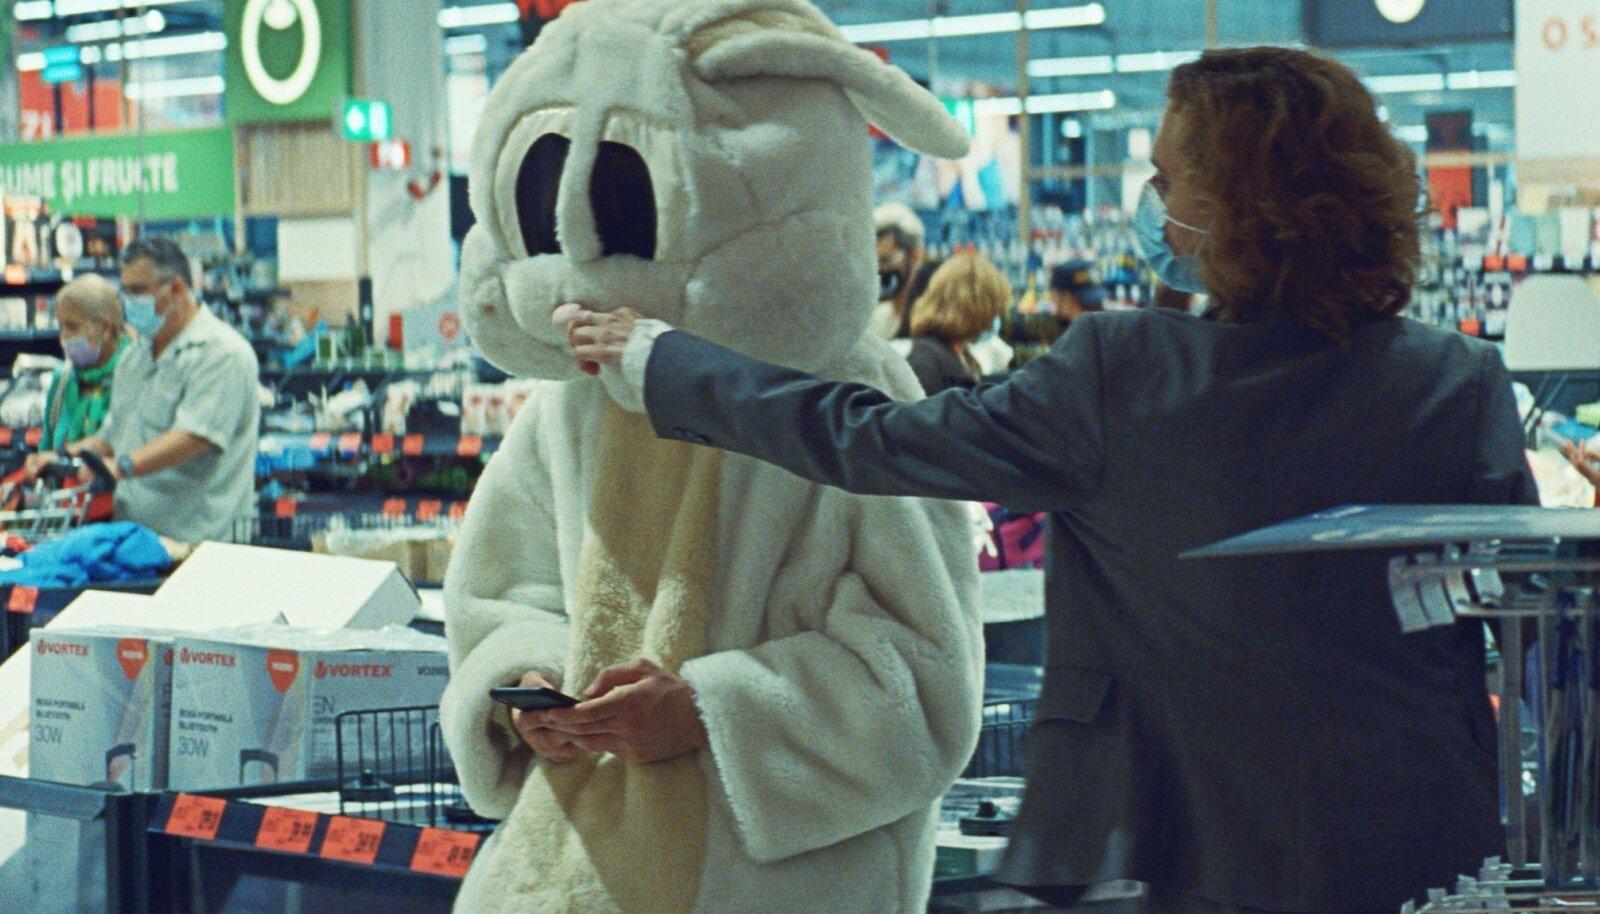 AUHINNATUD TEOS: Absurdne draamakomöödia tõi režissöör Radu Judele tänavuselt Berliini filmifestivalilt Kuldkaru.